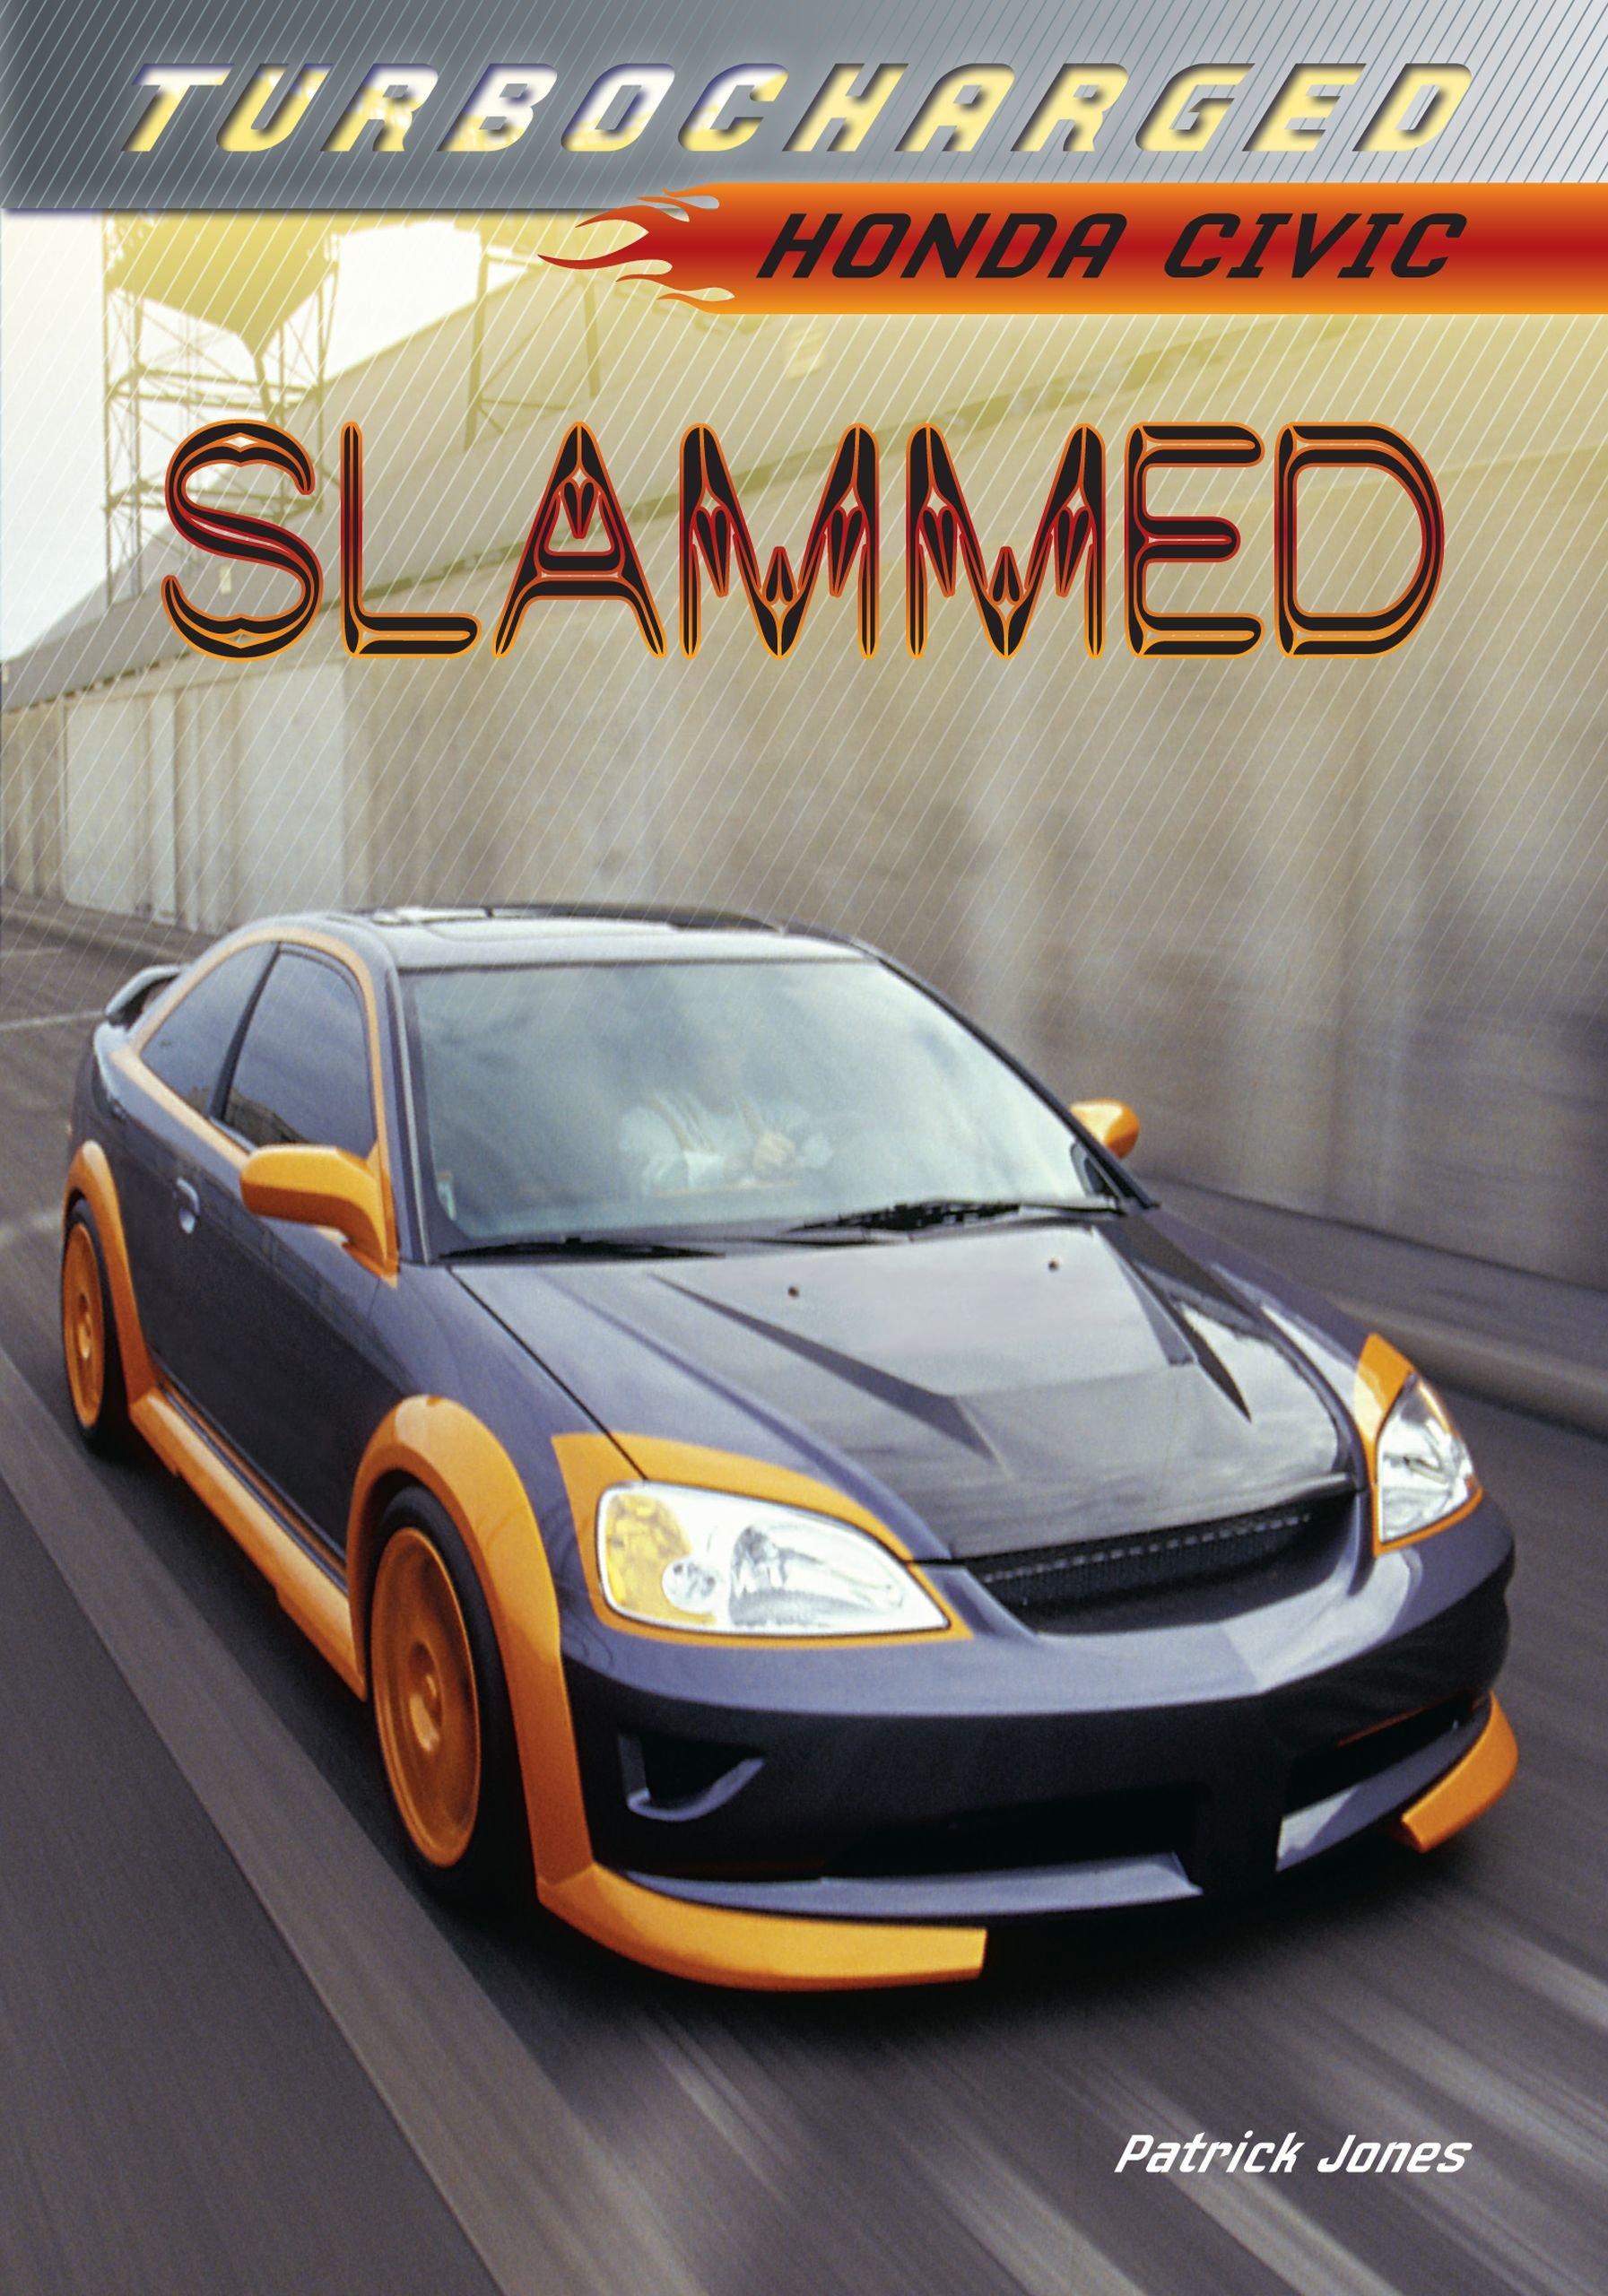 Slammed: Honda Civic (Turbocharged) Paperback - 25p (Prime) £3.24 (Non Prime) @ Amazon